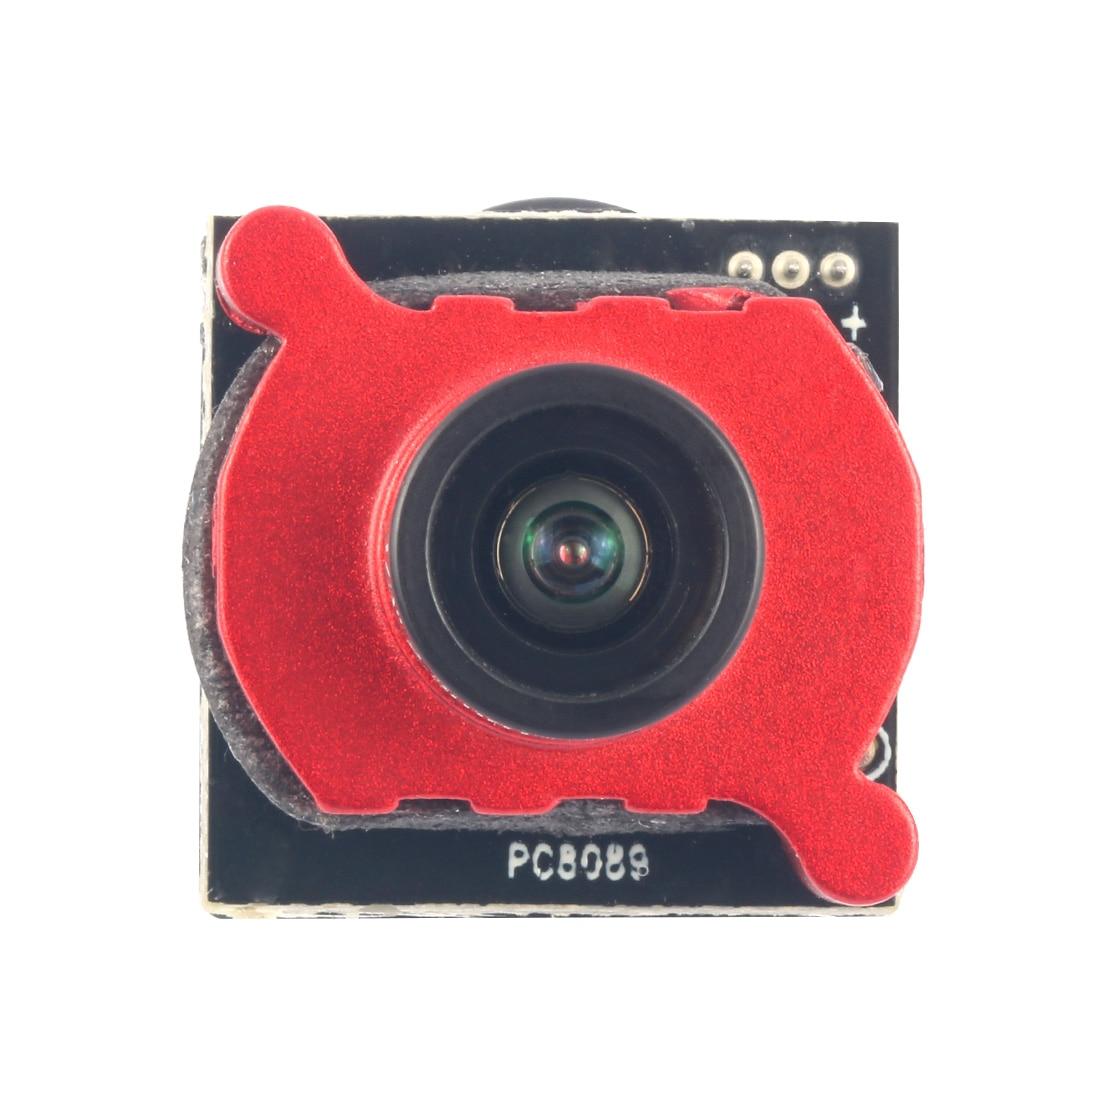 1/3 CMOS 1200TVL 2.3mm HD Lentille FPV Micro Caméra PAL NTSC large Tension DC 5 V-12 V pour La Photographie Aérienne Caméra RC Quadcopter Partie